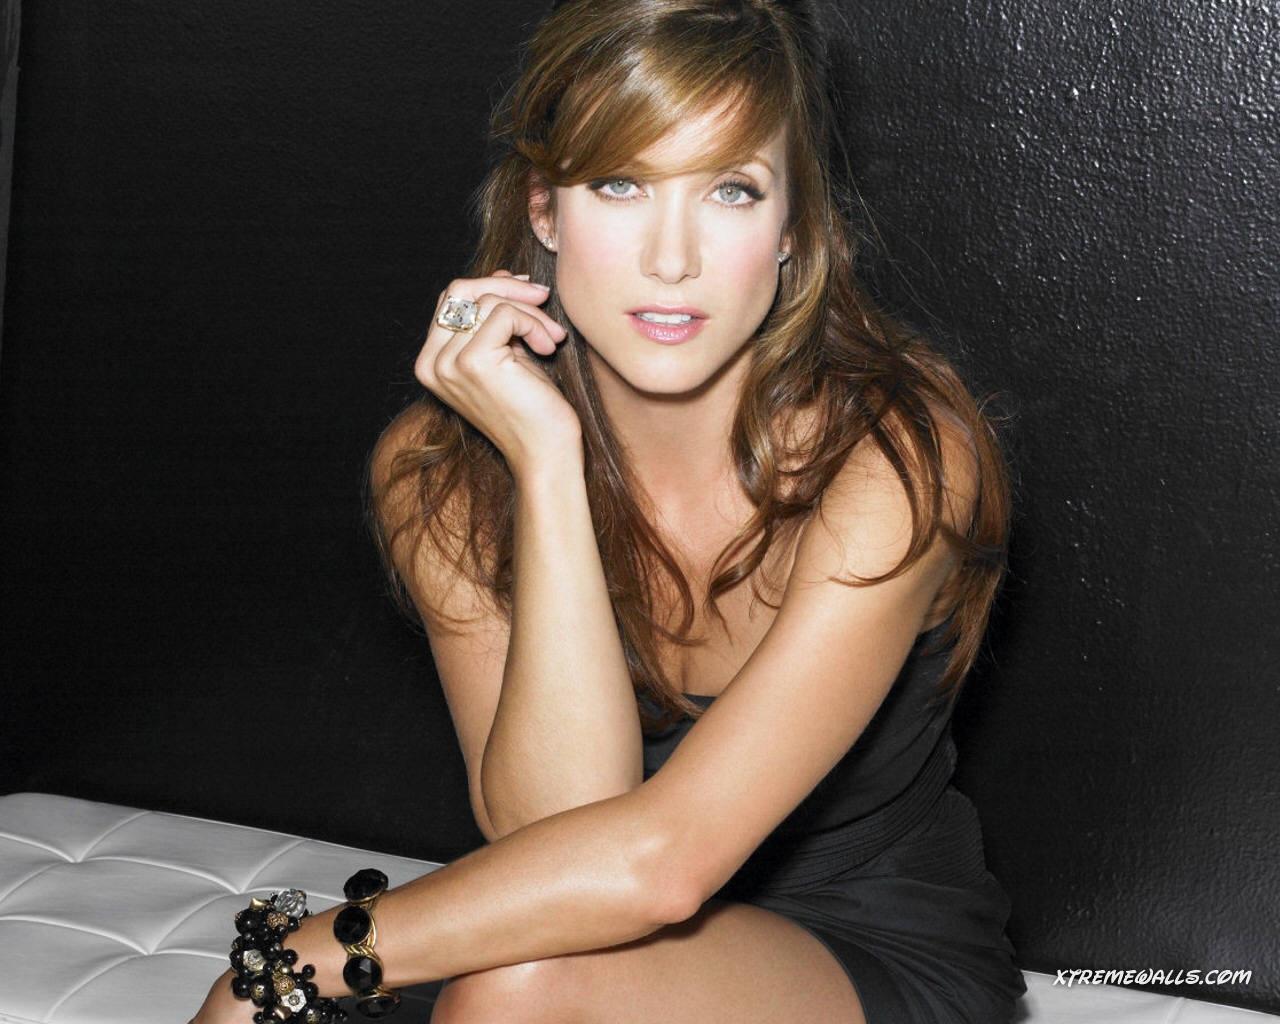 Hollywood Hot Actress Kate Walsh